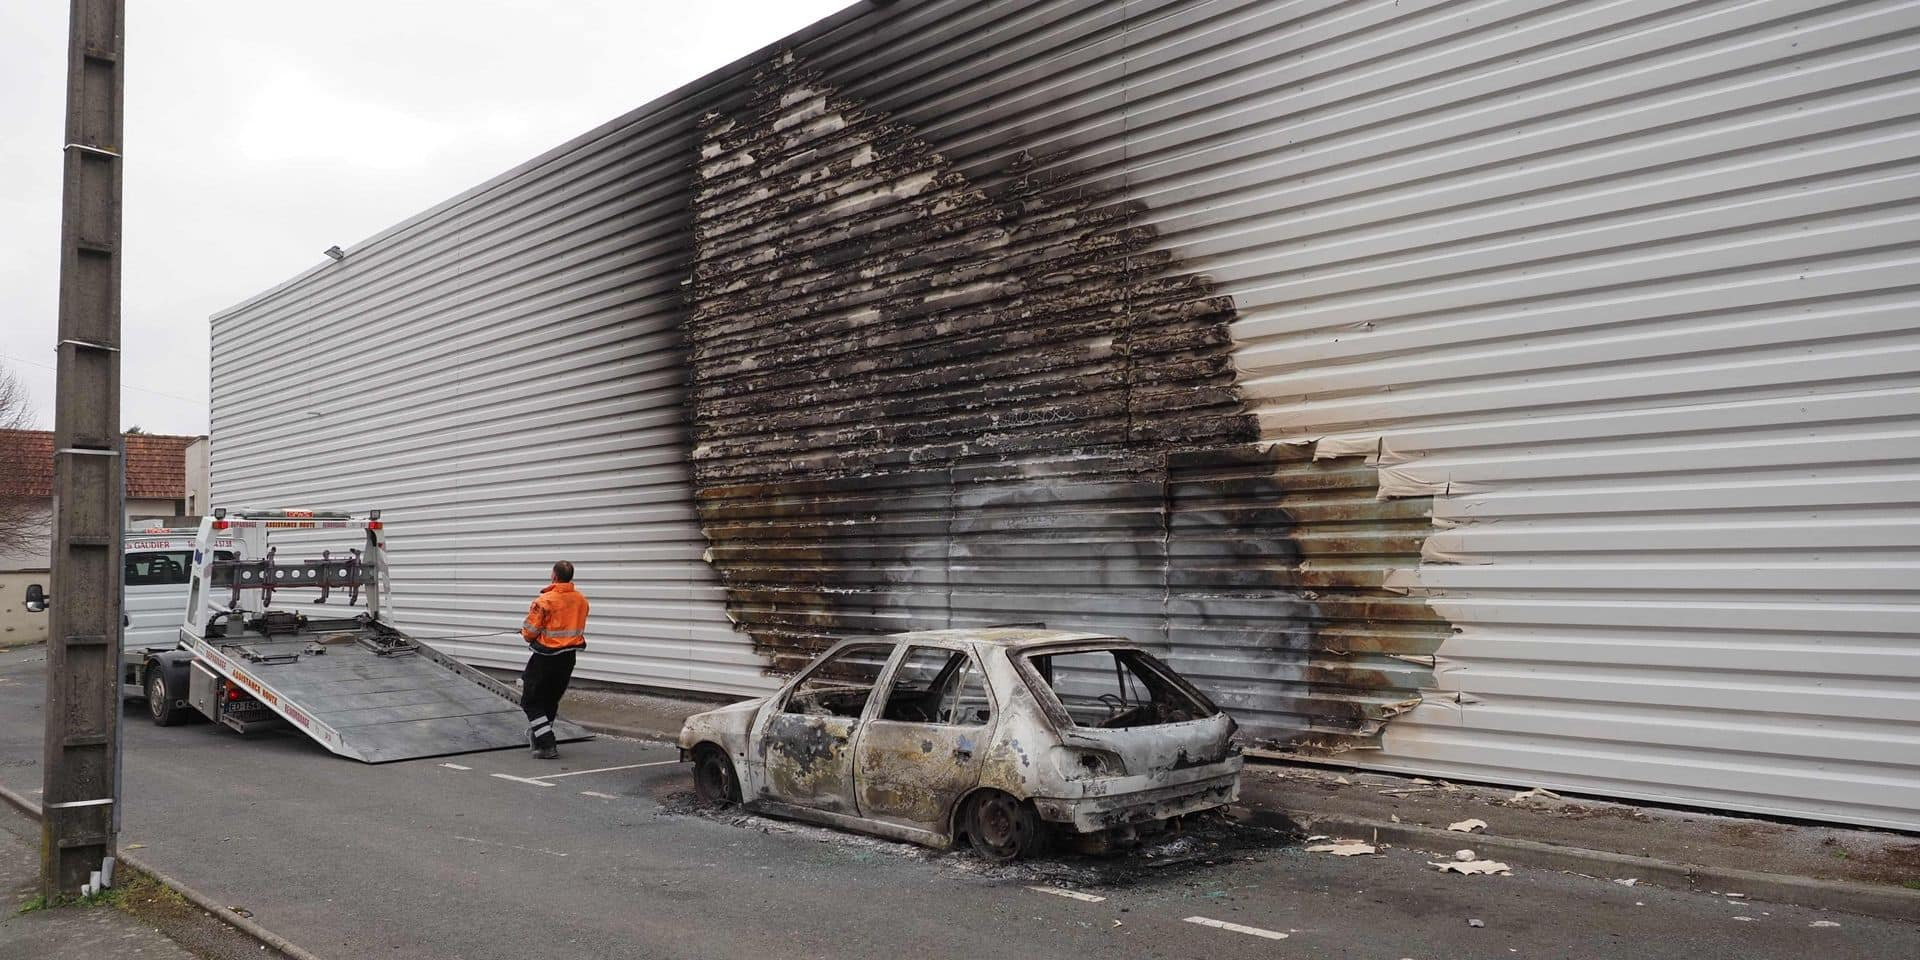 Supermarché vandalisé, station-service incendiée: la ville de Blois en proie à des scènes de guérilla urbaine après un accident